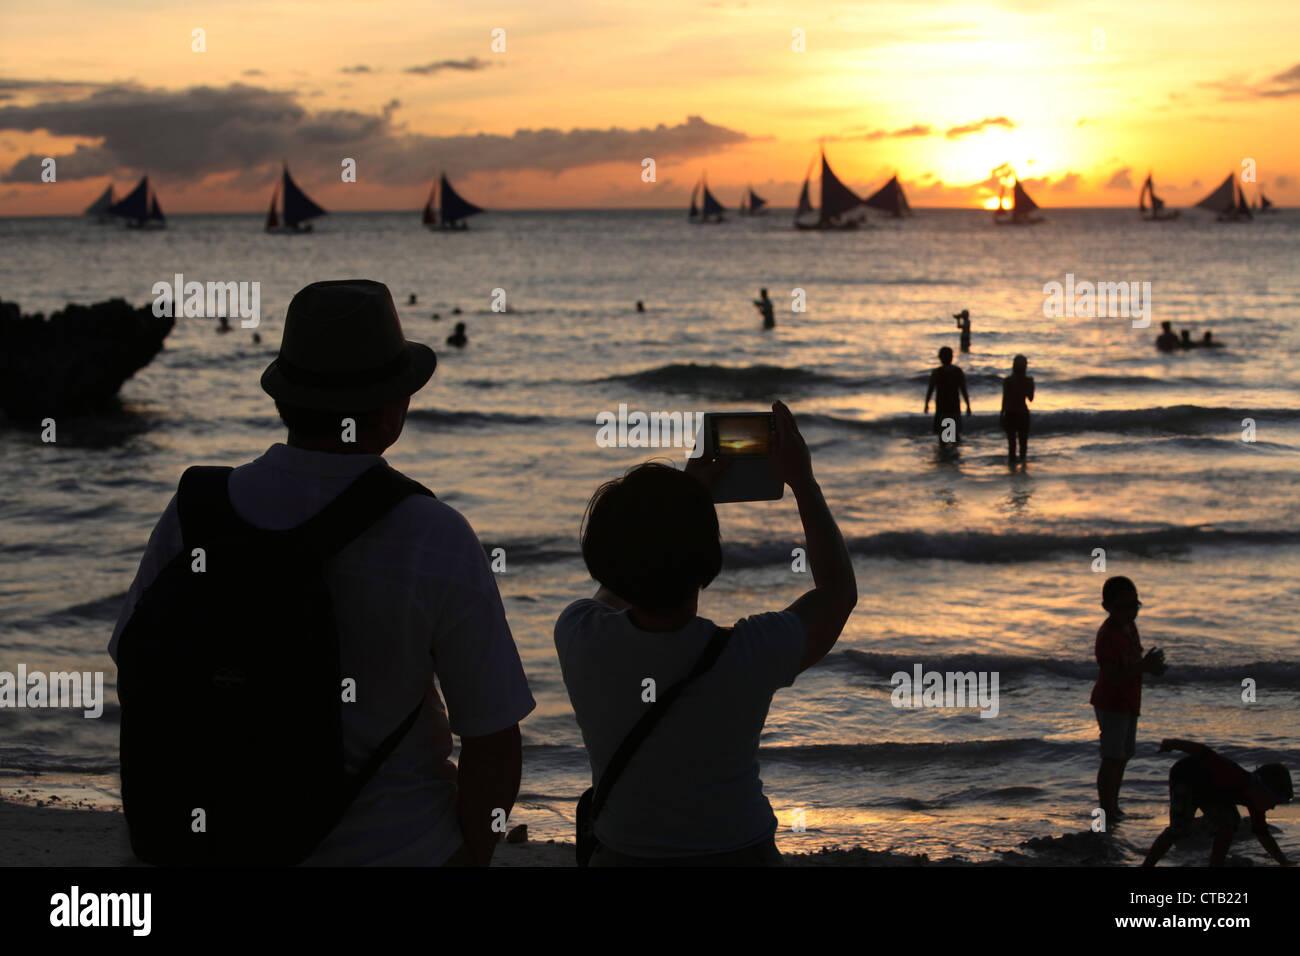 Deux touristes prendre des photos au coucher du soleil, Boracay, île de Panay, Visayas, Philippines Photo Stock